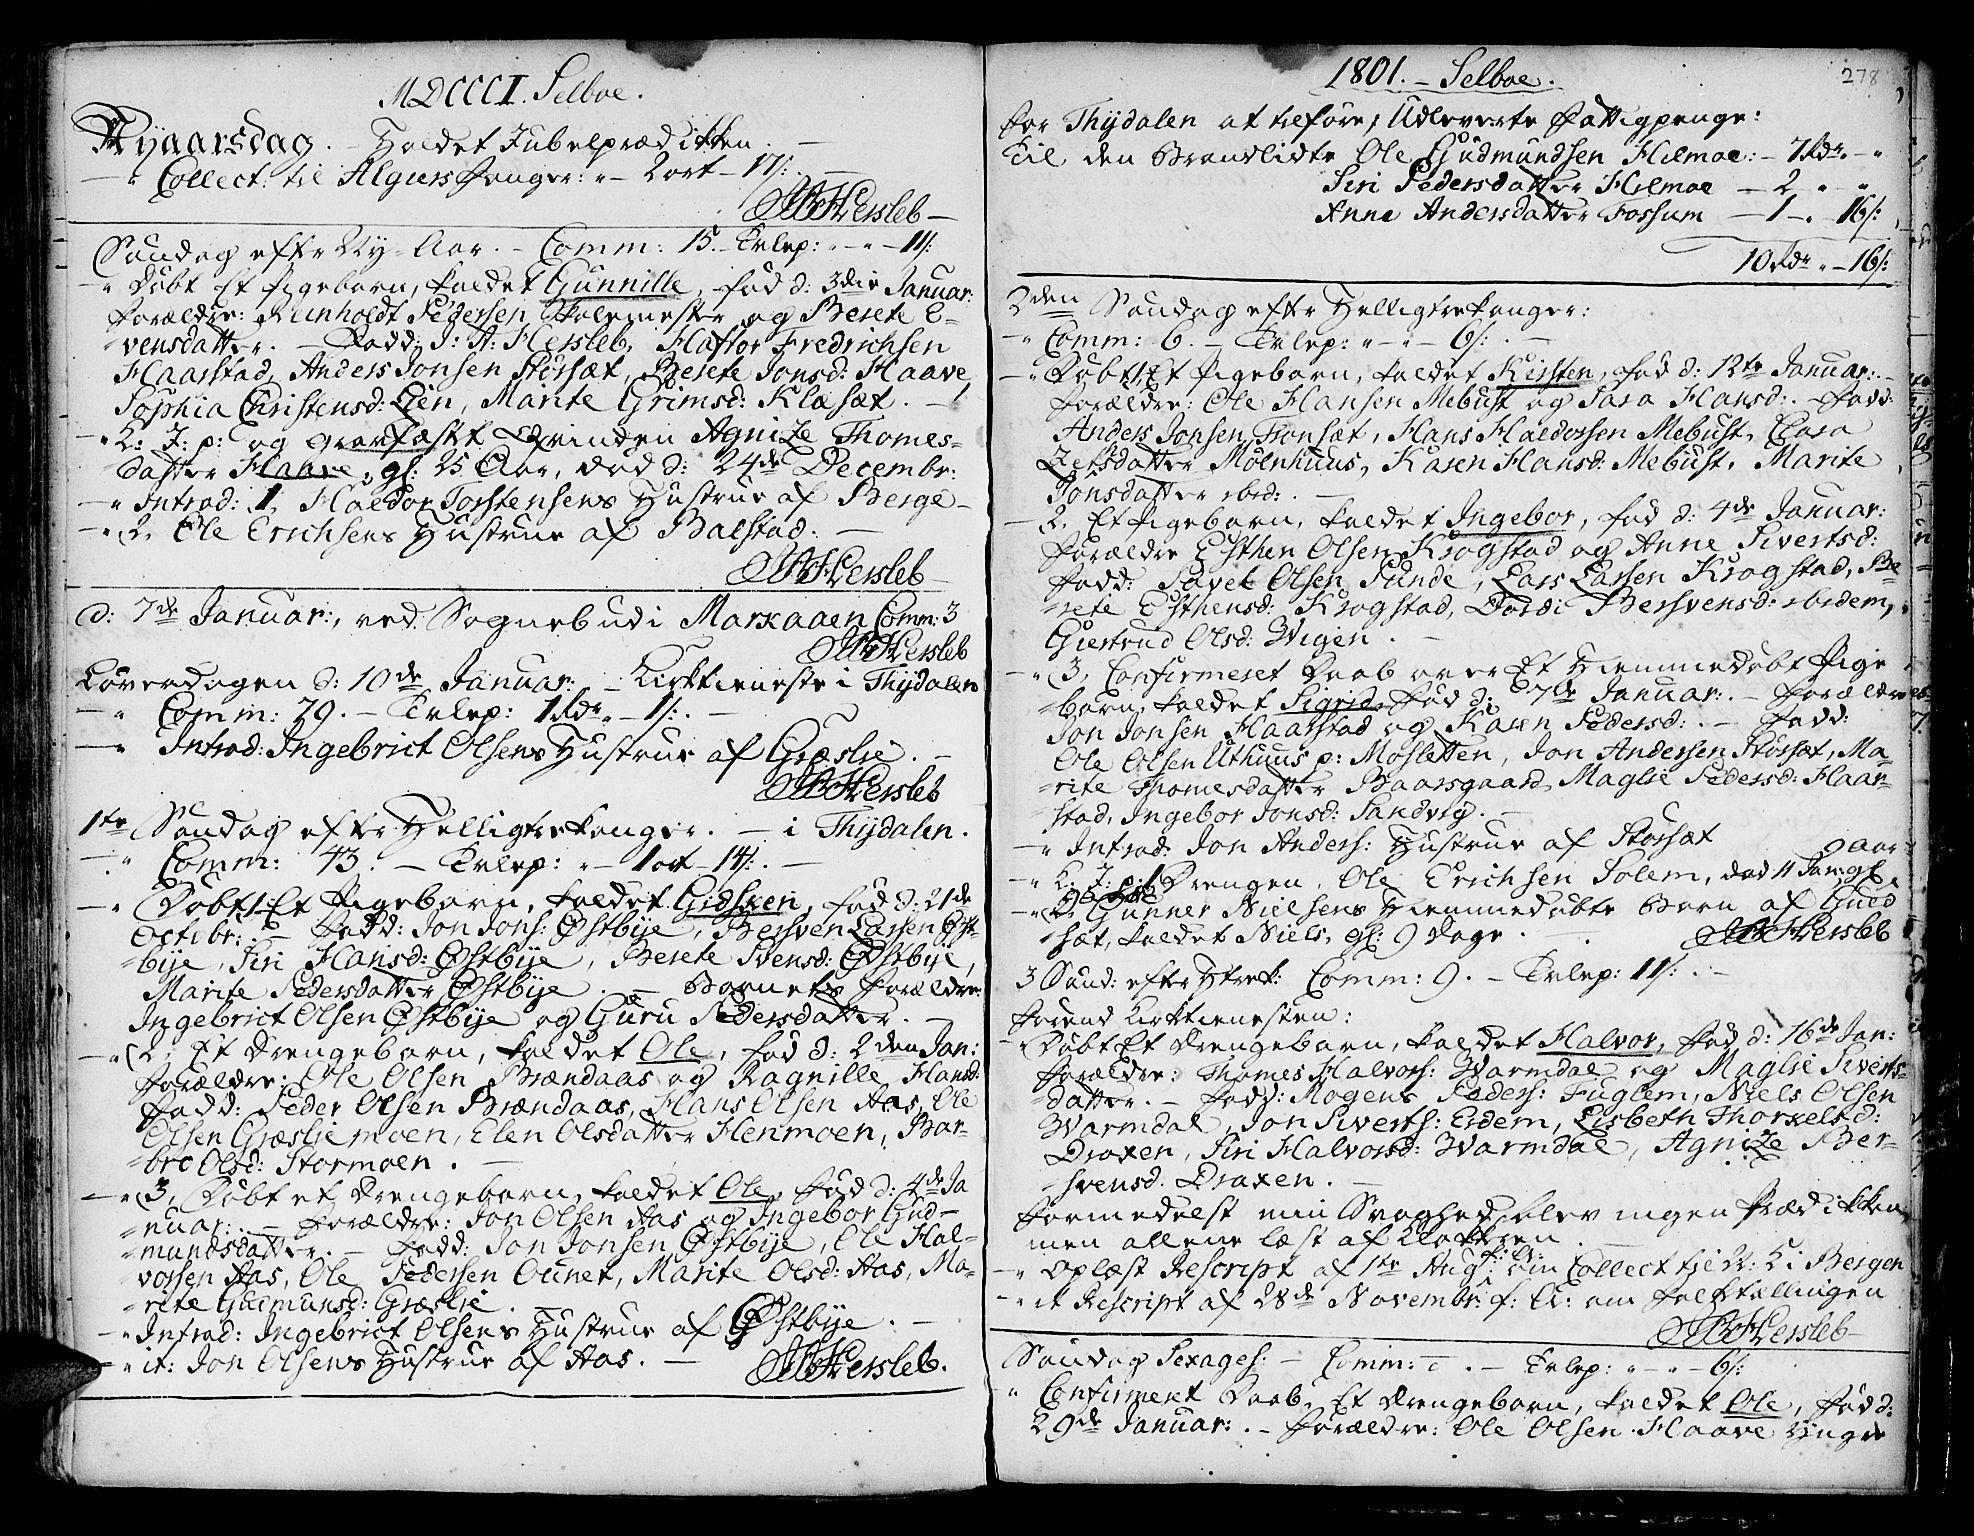 SAT, Ministerialprotokoller, klokkerbøker og fødselsregistre - Sør-Trøndelag, 695/L1138: Ministerialbok nr. 695A02 /1, 1757-1801, s. 278